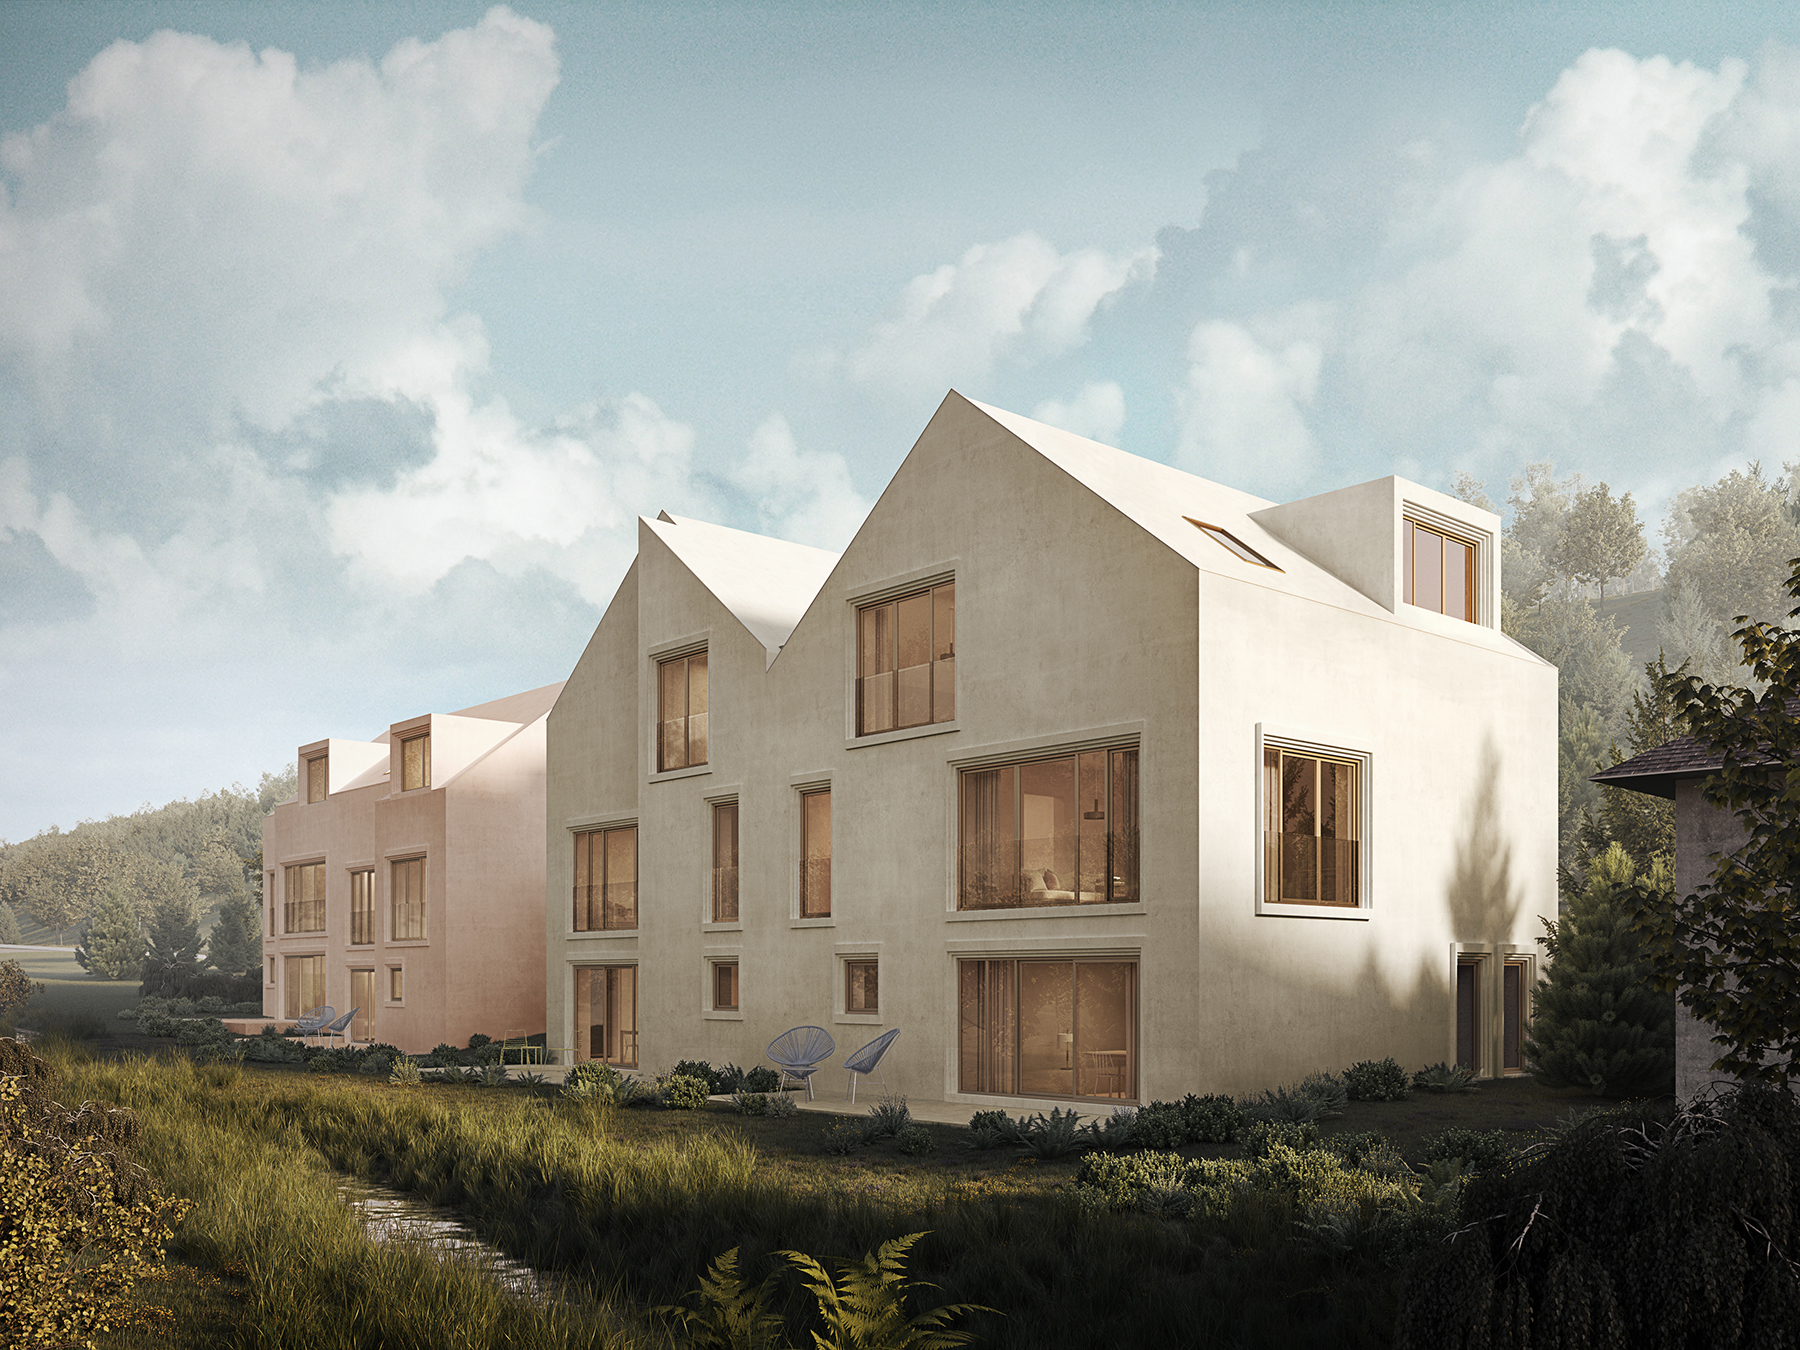 Dagli Atelier — Houses in Bech (LU)